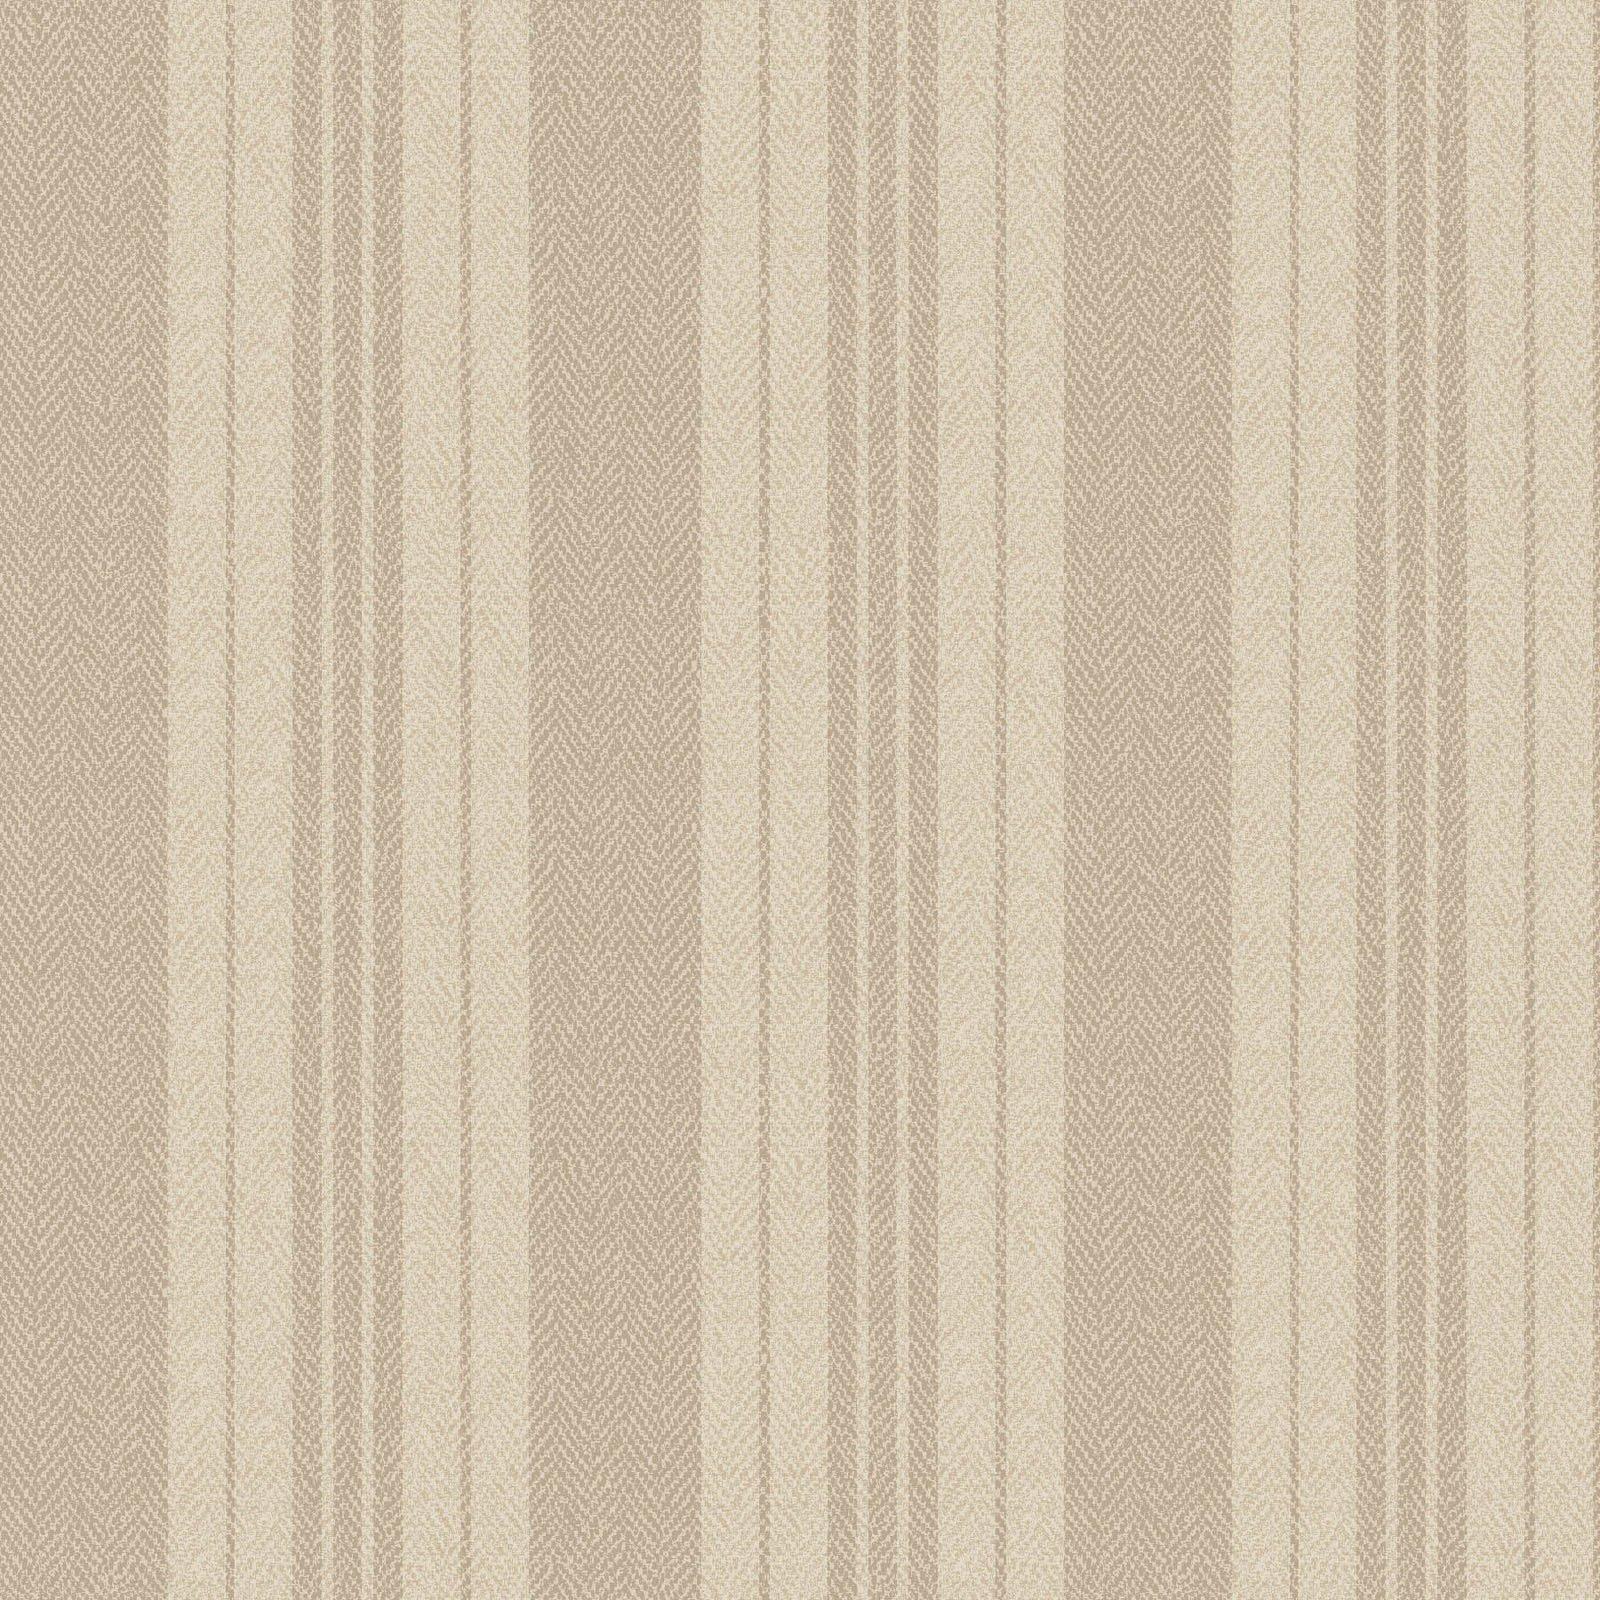 Ruby - Ticking Stripe - Ecru